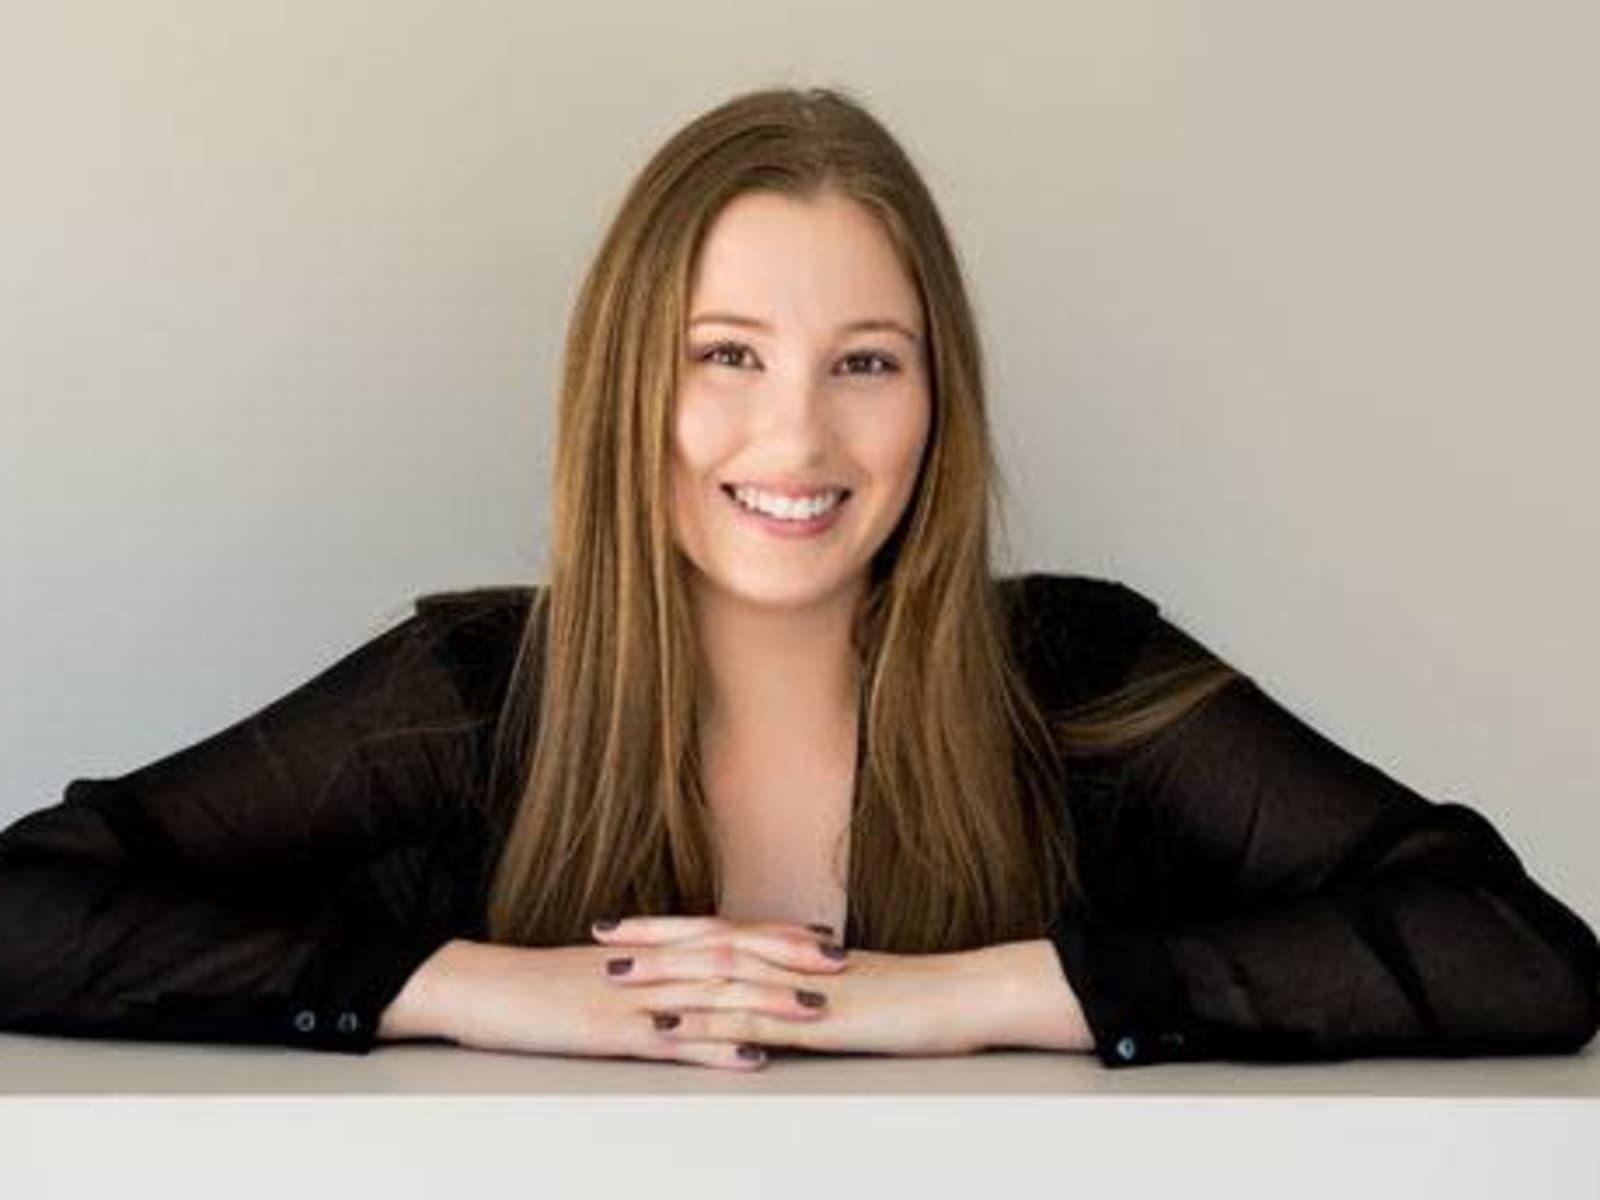 Ashleigh from Brisbane, Queensland, Australia